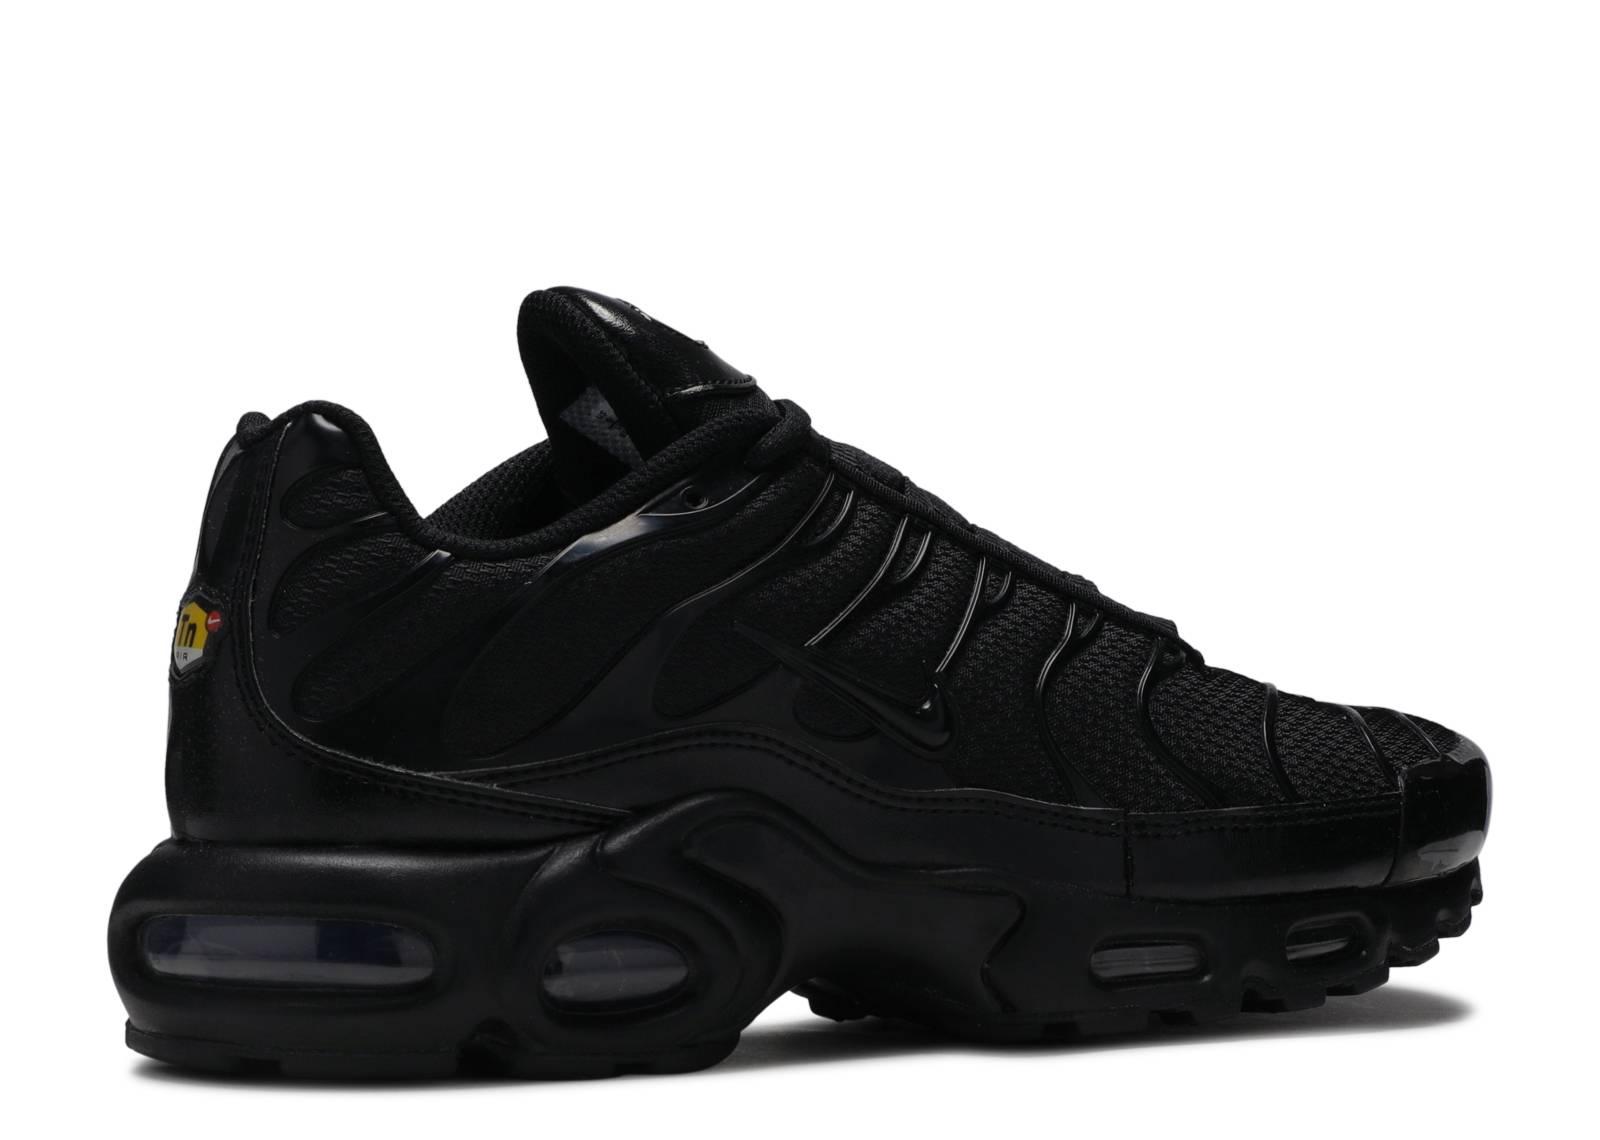 Air Max Plus Nike 604133 050 blackblack | Flight Club